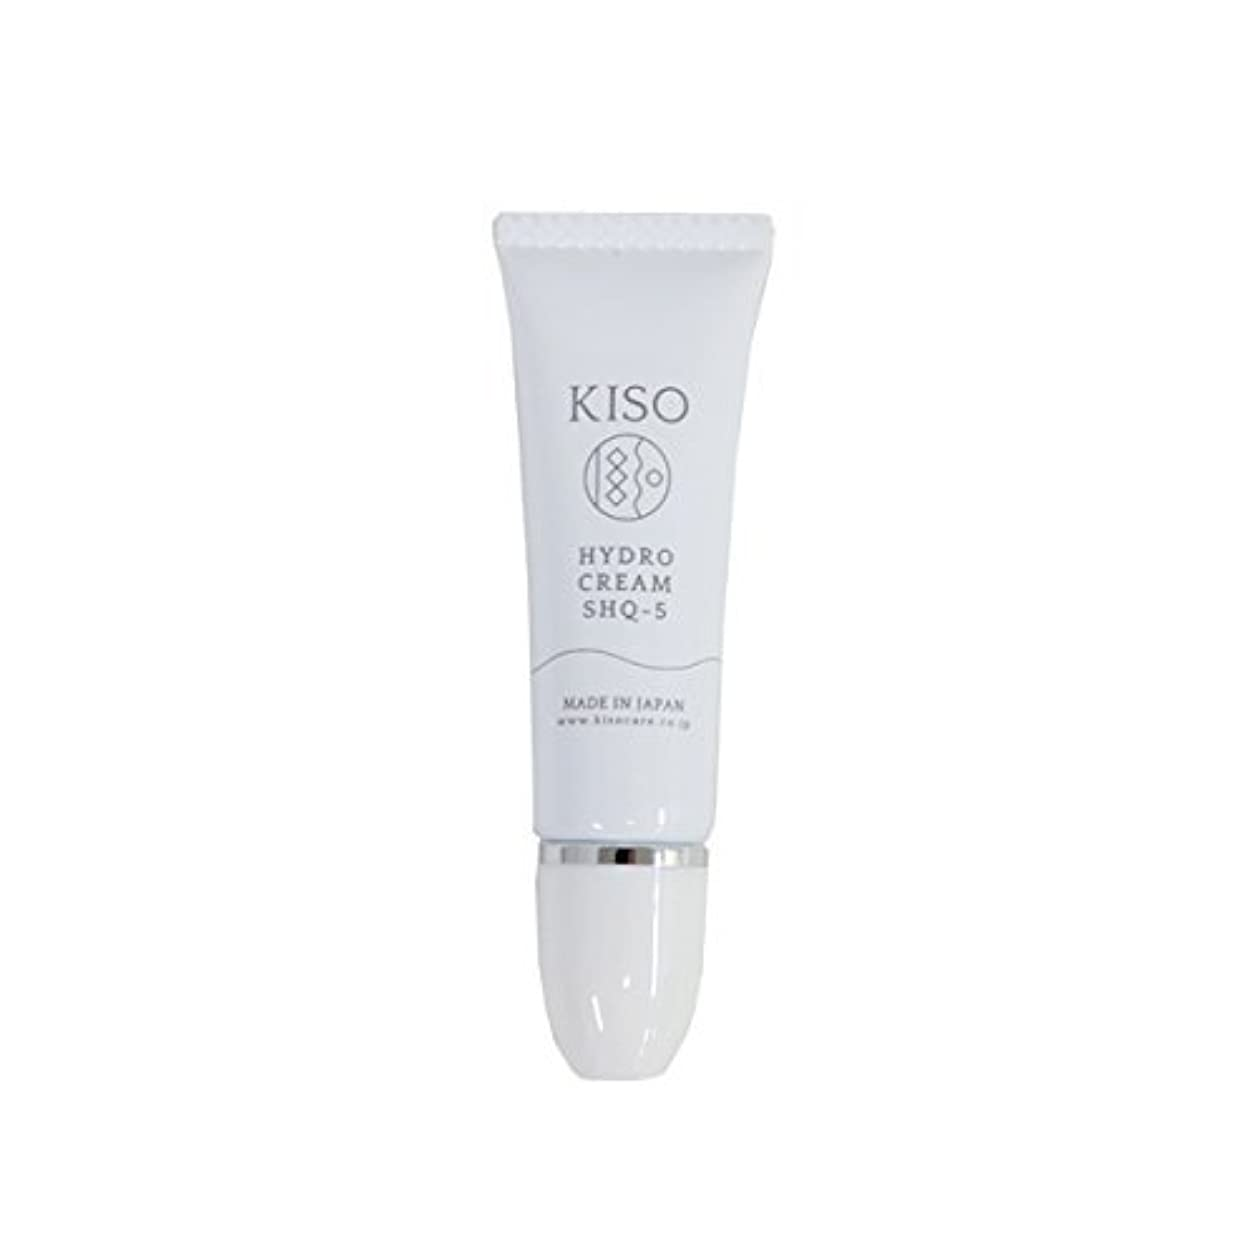 危機気味の悪い貨物KISO 安定型 ハイドロキノン 5%配合【ハイドロ クリーム SHQ-5 10g】スキンケアで肌を整えた後にちょこっとケア 日本製